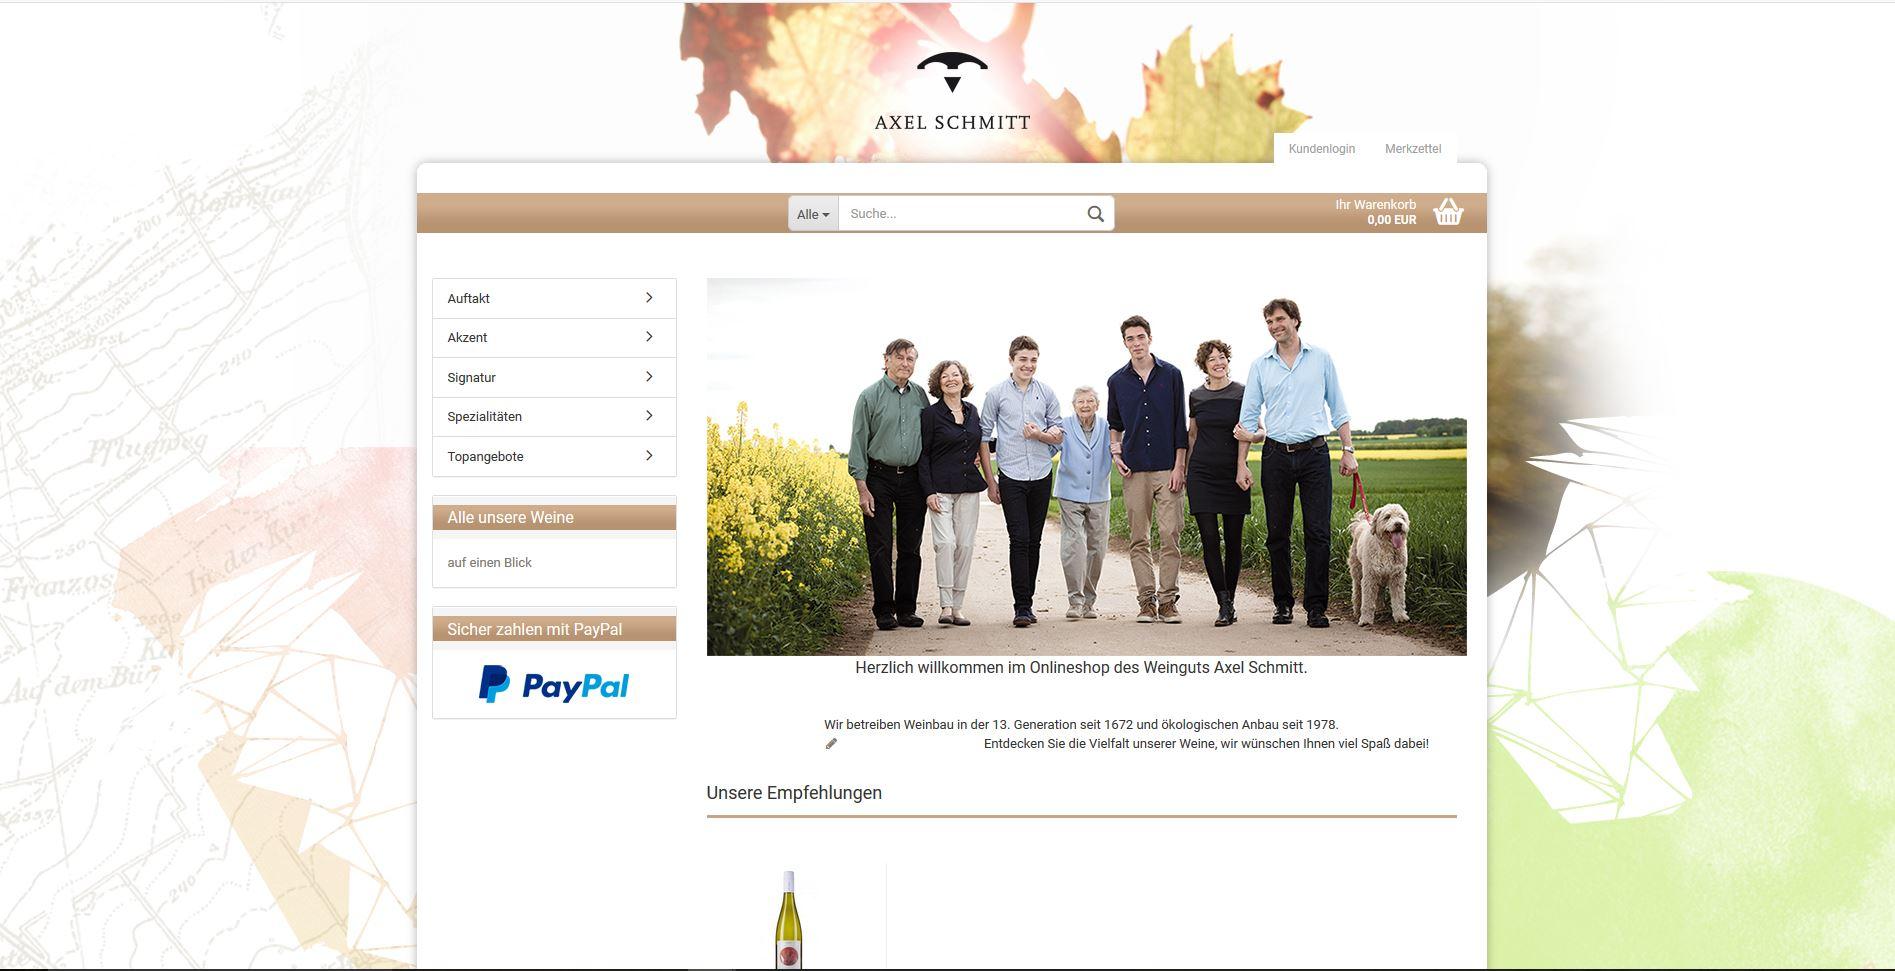 Einkaufen im Weingut Axel Schmitt